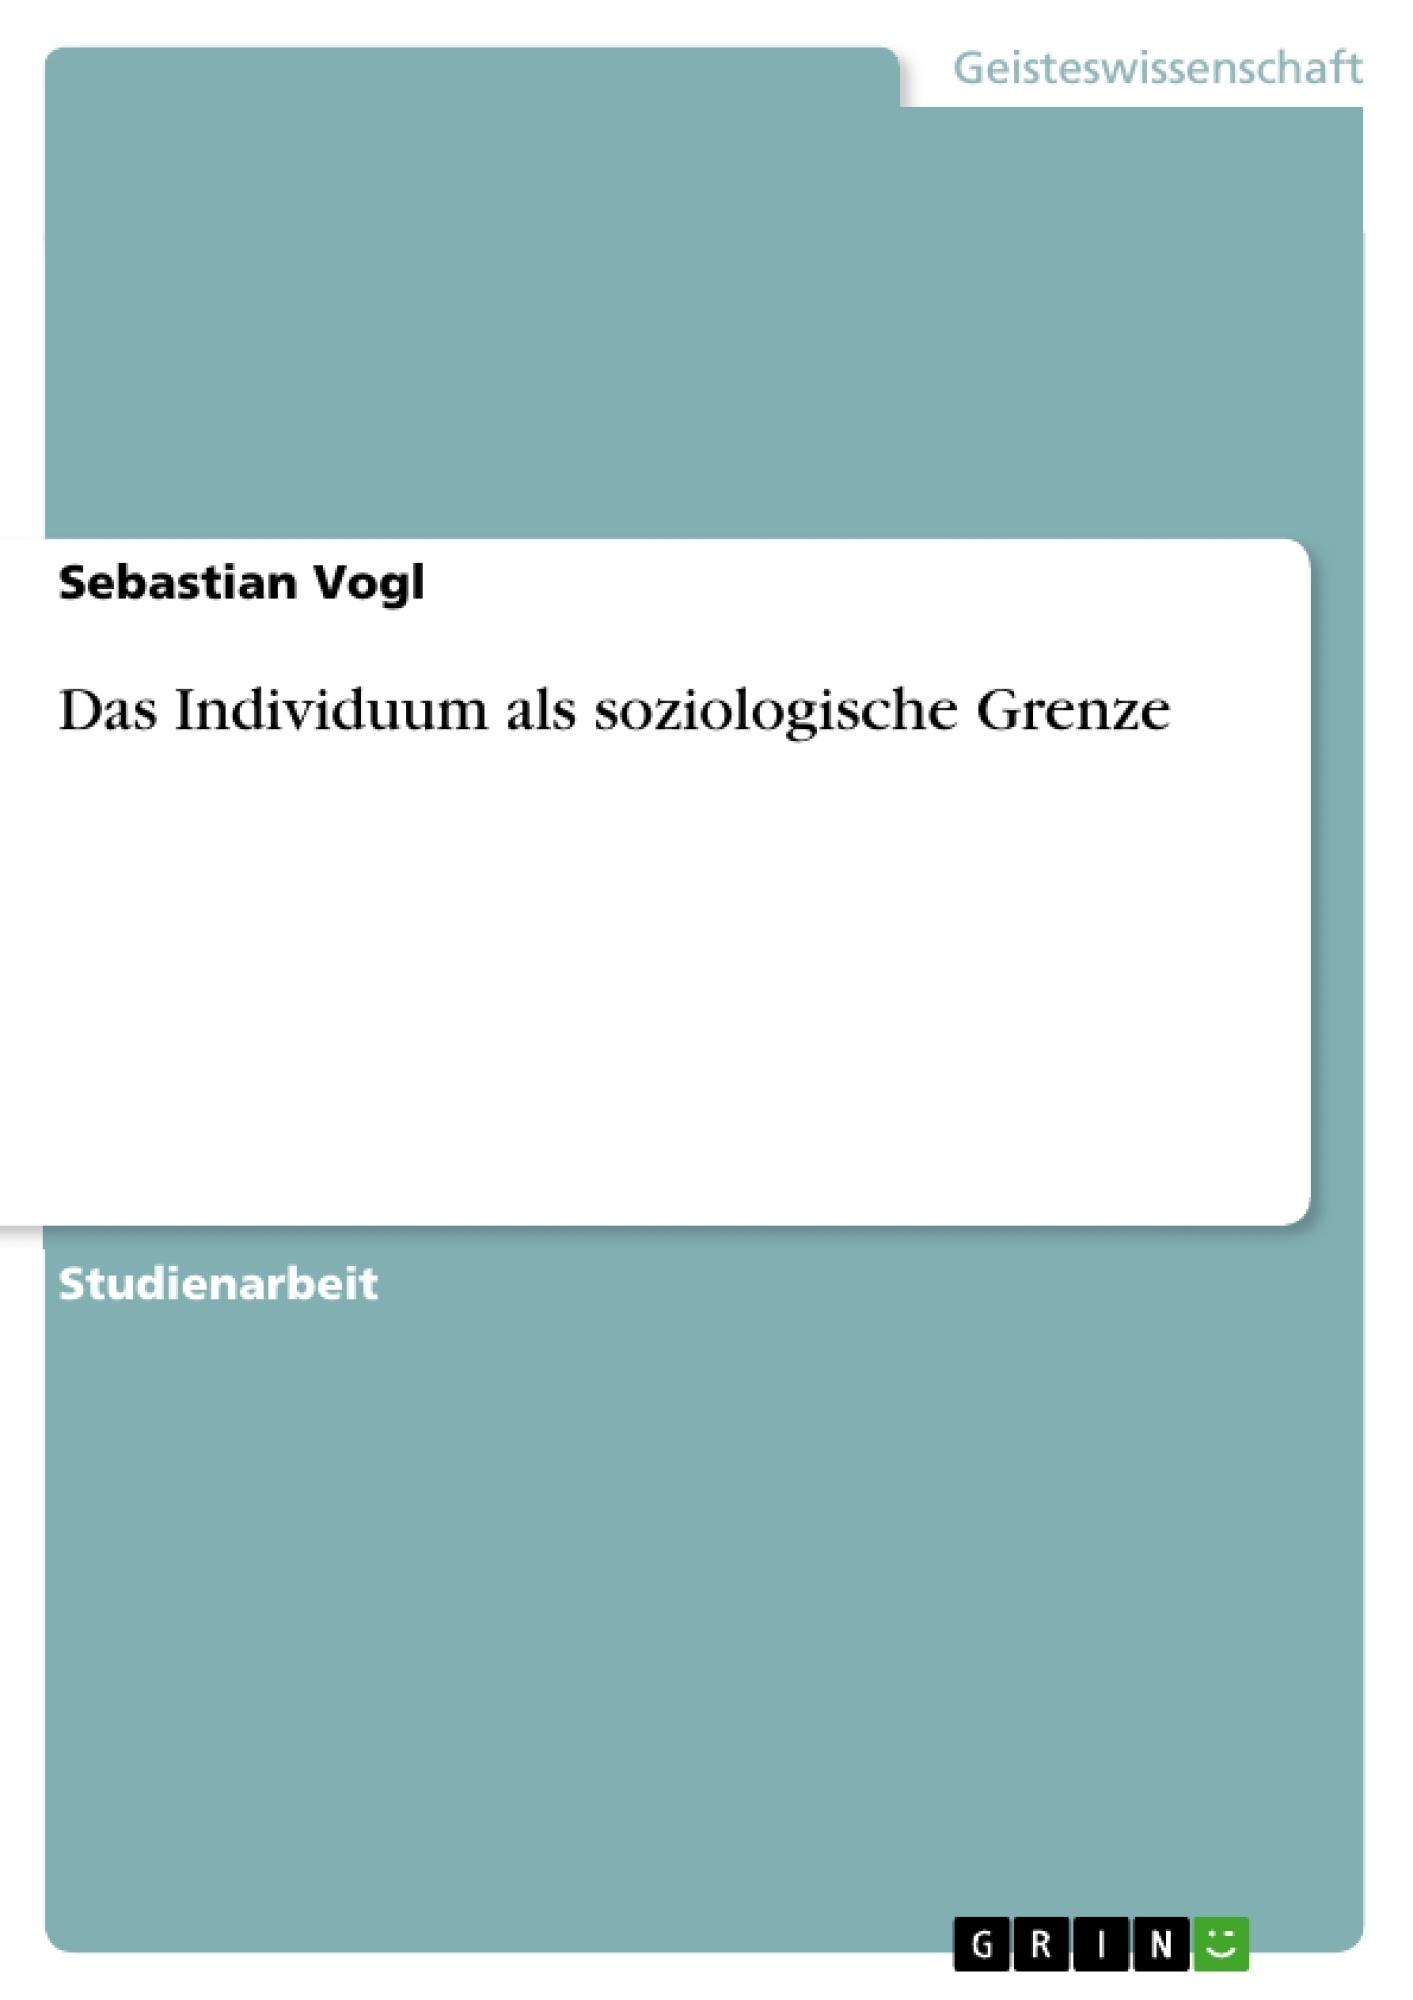 Titel: Das Individuum als soziologische Grenze